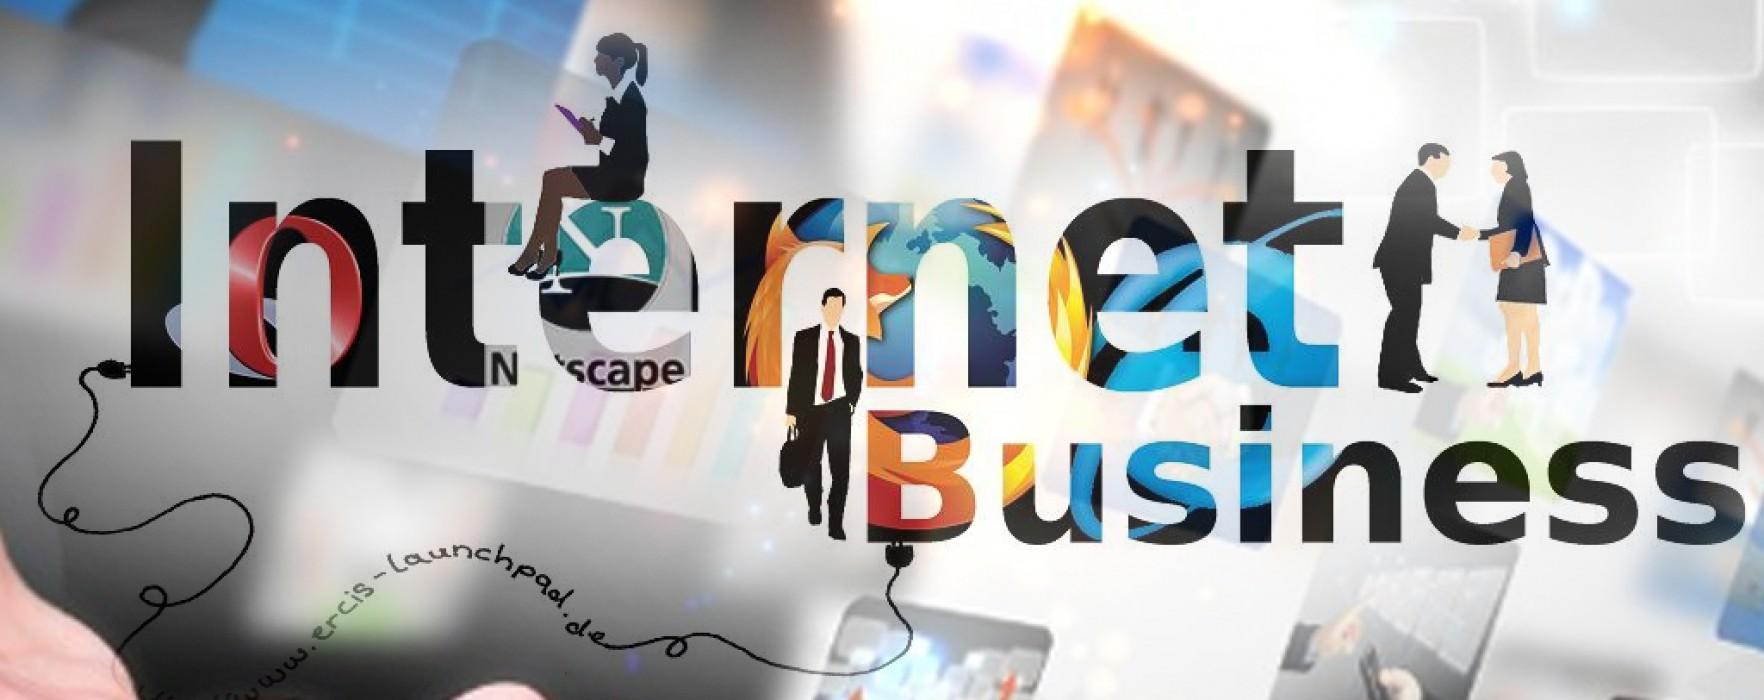 best online business models